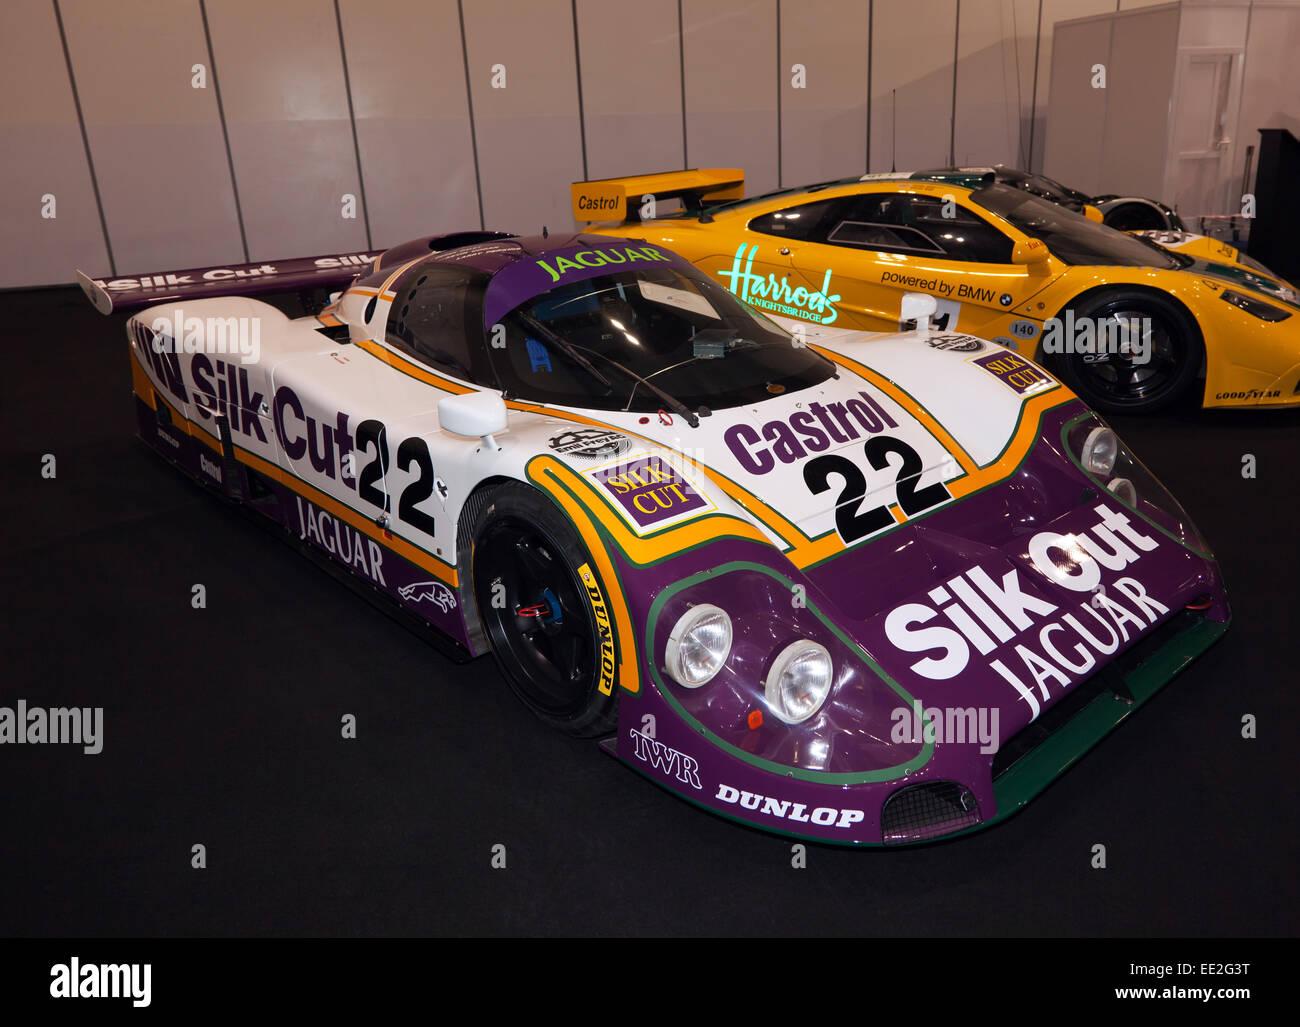 1988 7 liter v12 engine jaguar le mans race car on show at the stock photo royalty free image. Black Bedroom Furniture Sets. Home Design Ideas